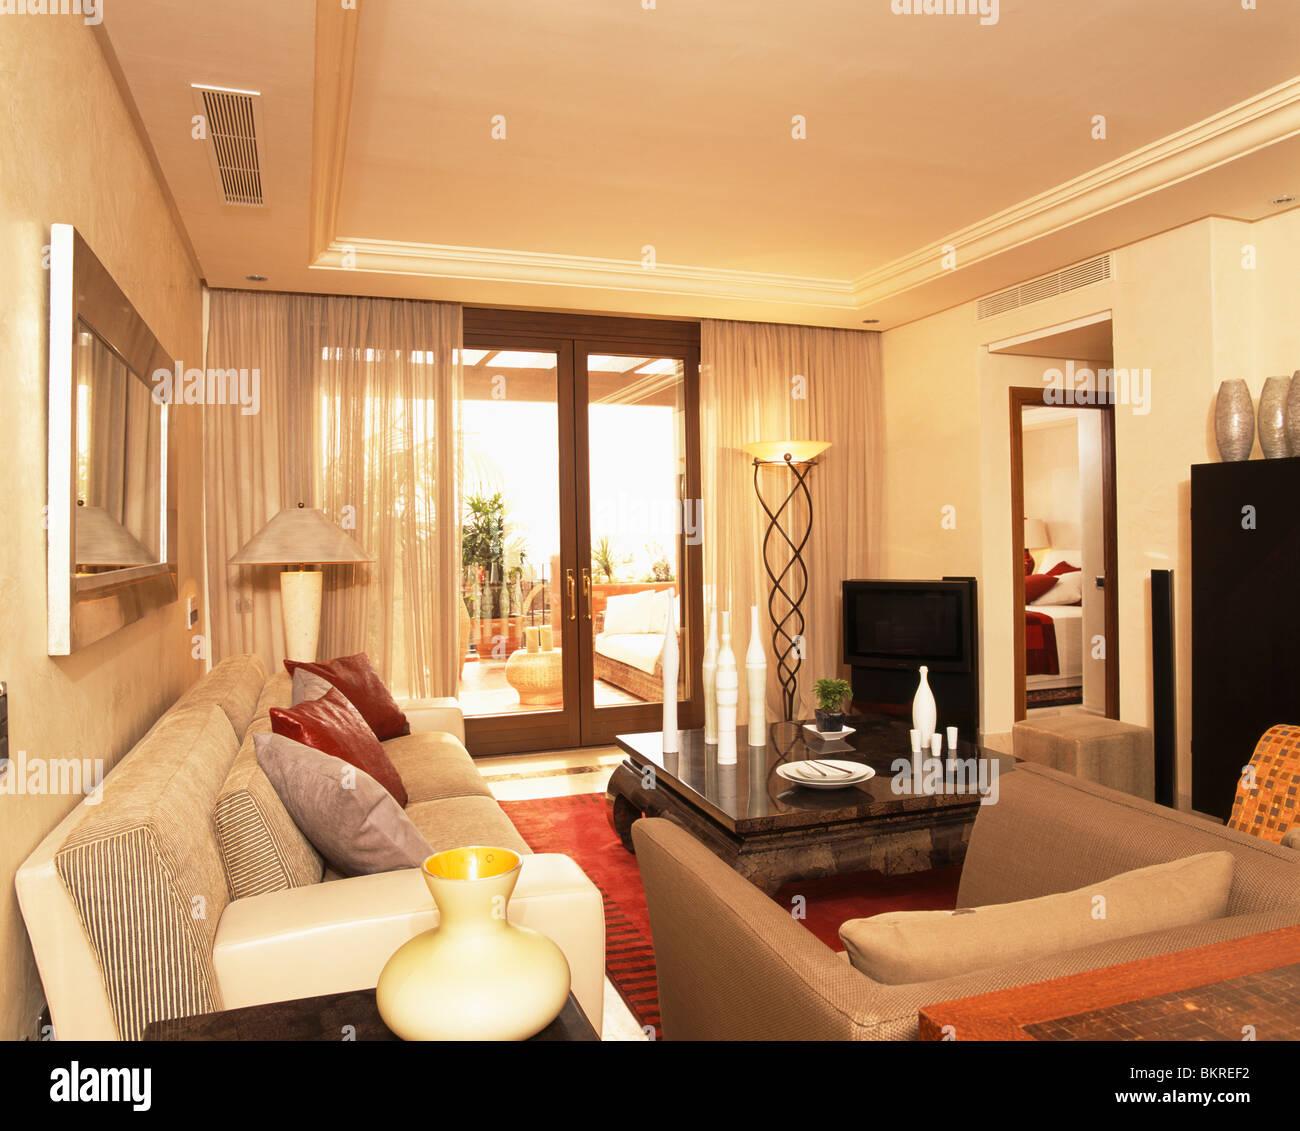 Cremefarbene Sofas Im Modernen Spanischen Wohnzimmer Mit Beige Leinen  Gardinen Auf Französisch Türen Zum Balkon